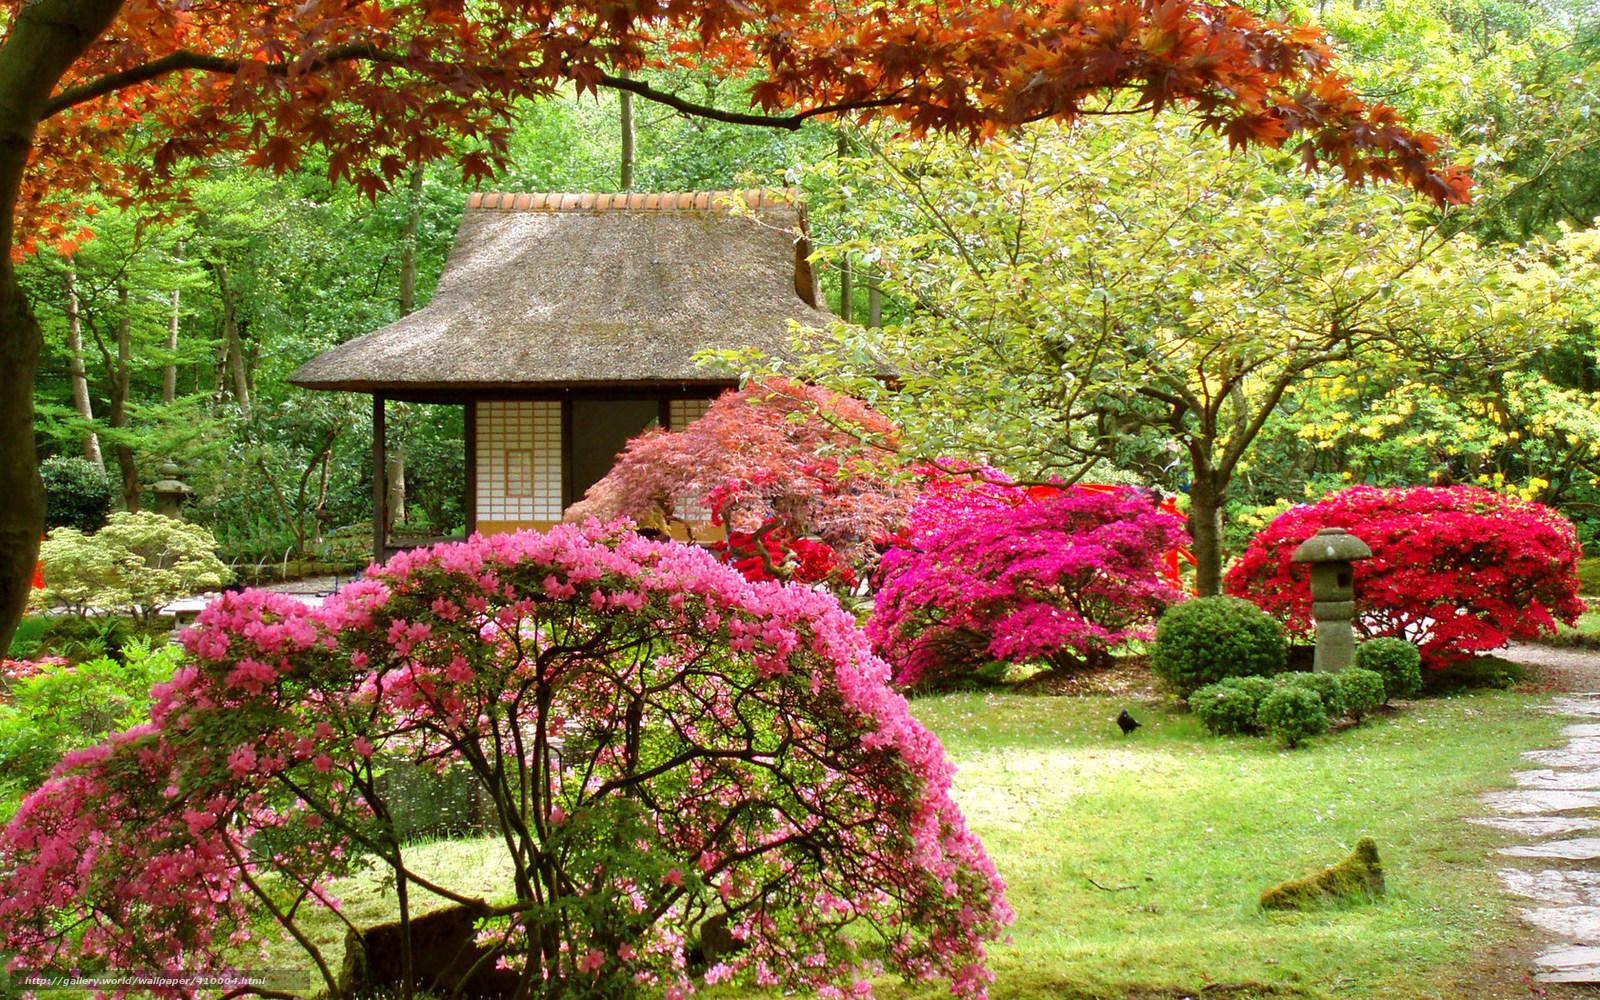 Tlcharger Fond decran Jardin Japonais, arbres, maison, paysage Fonds ...